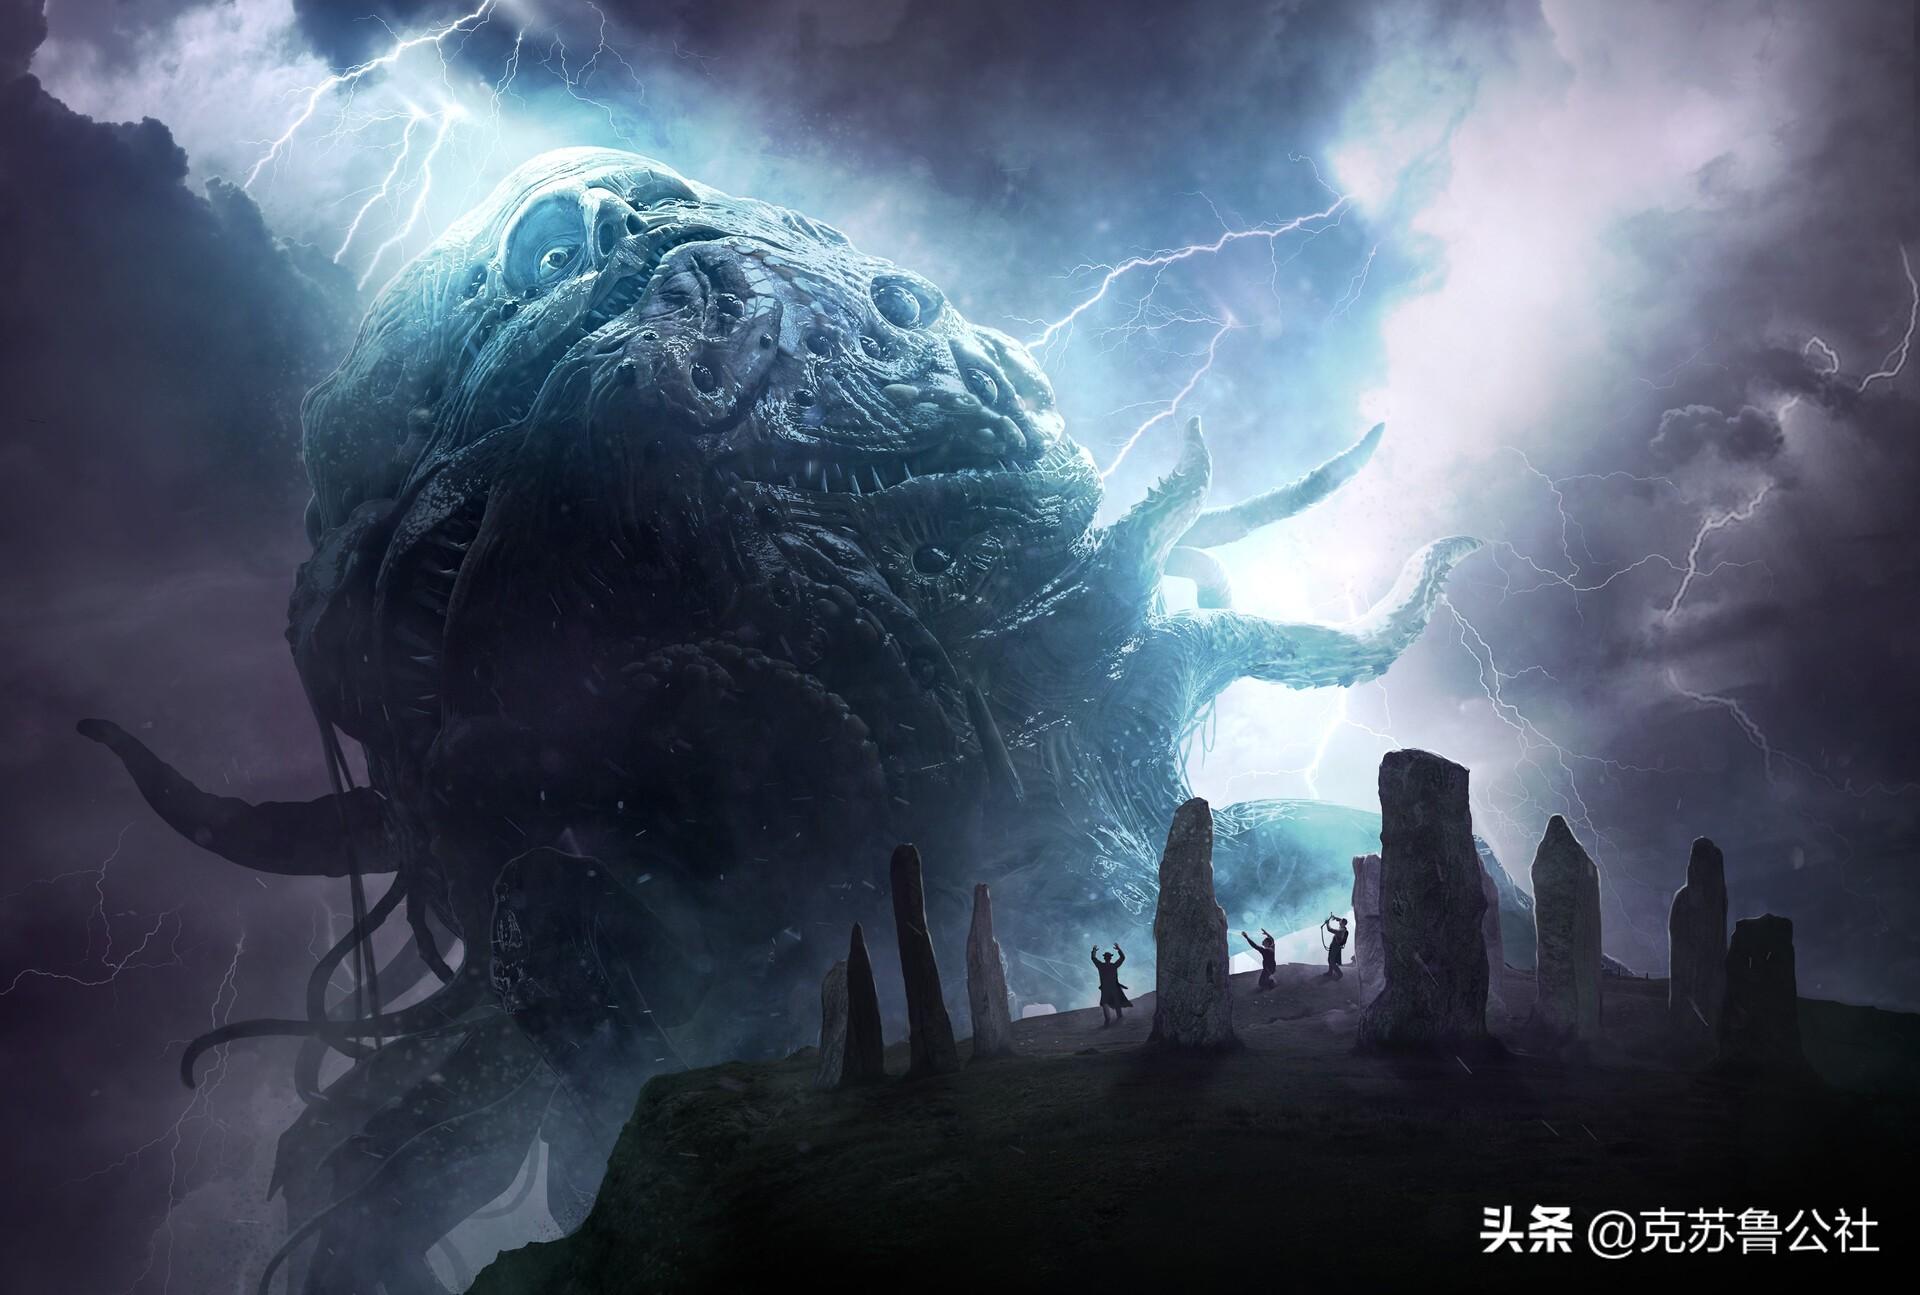 """克苏鲁世界导游:""""半神之殇""""敦威治"""